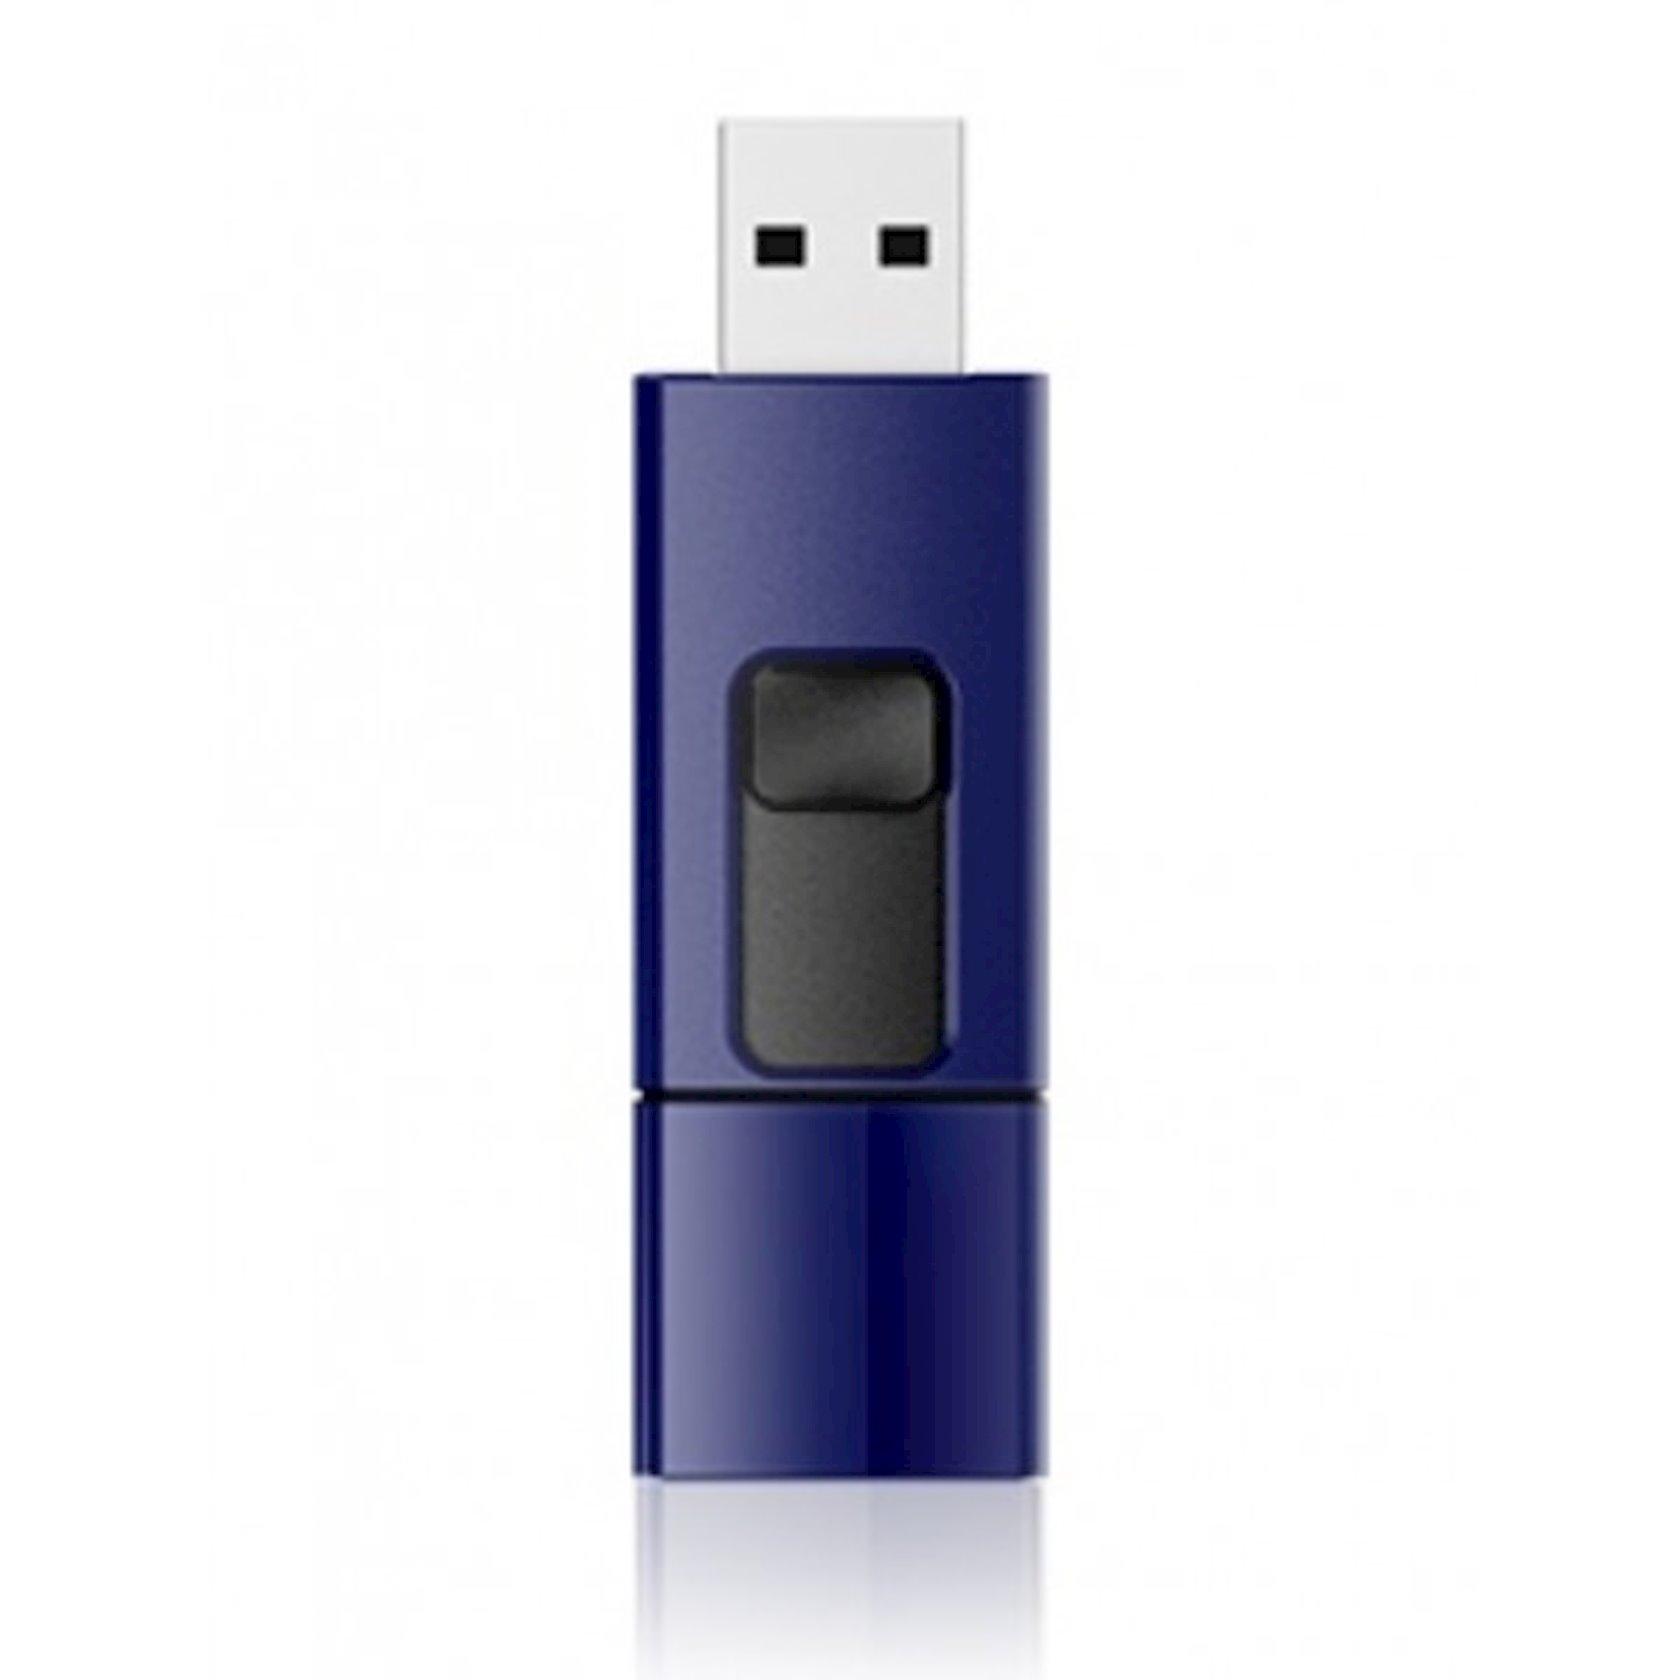 Fləşkart Silicon Power Blaze B05 32GB Deep Blue USB 3.0